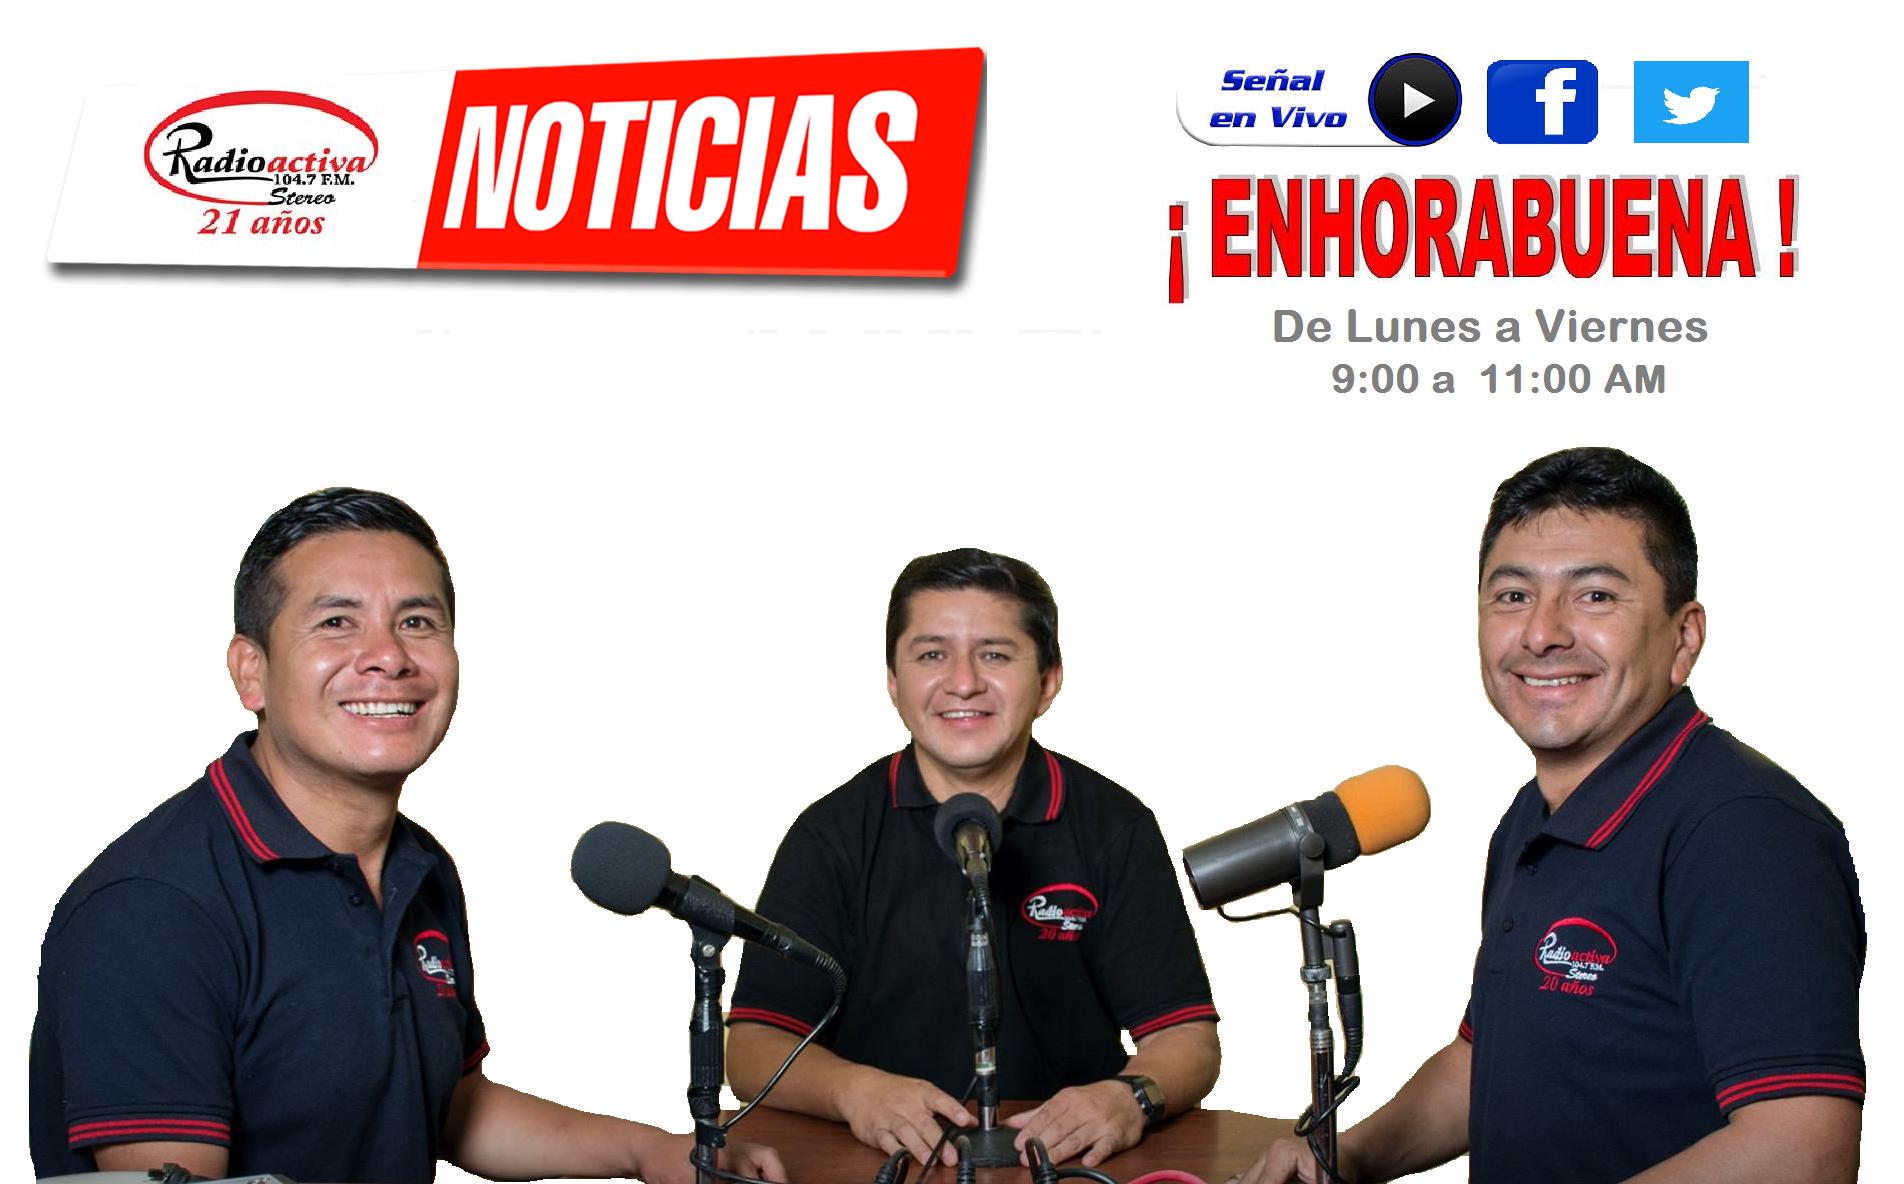 ENHORABUENA: ¡Información Precisa y Veraz!